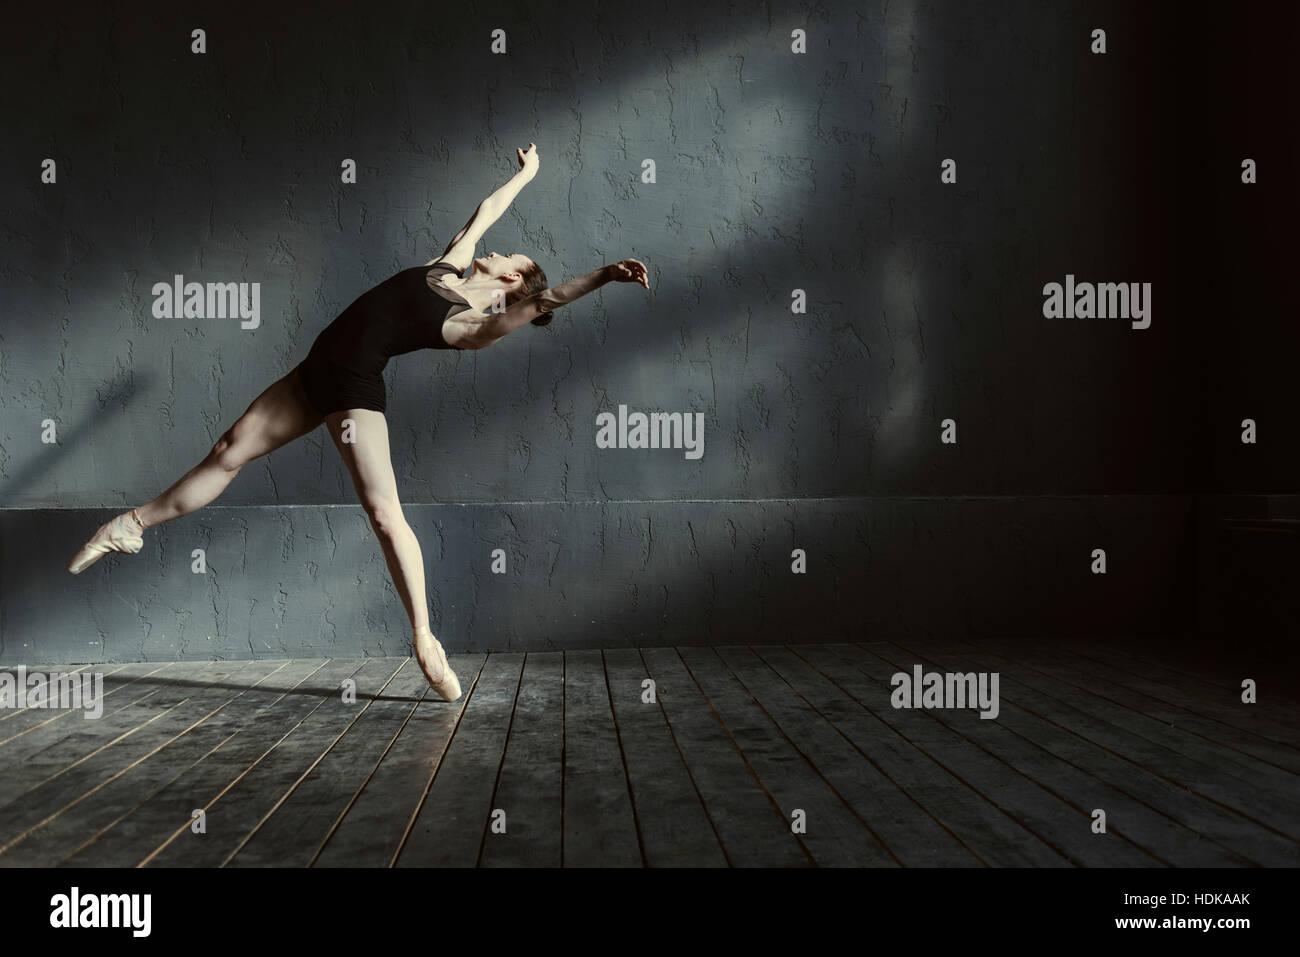 Les jeunes habile danseur de ballet agissant dans le pièce de couleur noir Photo Stock